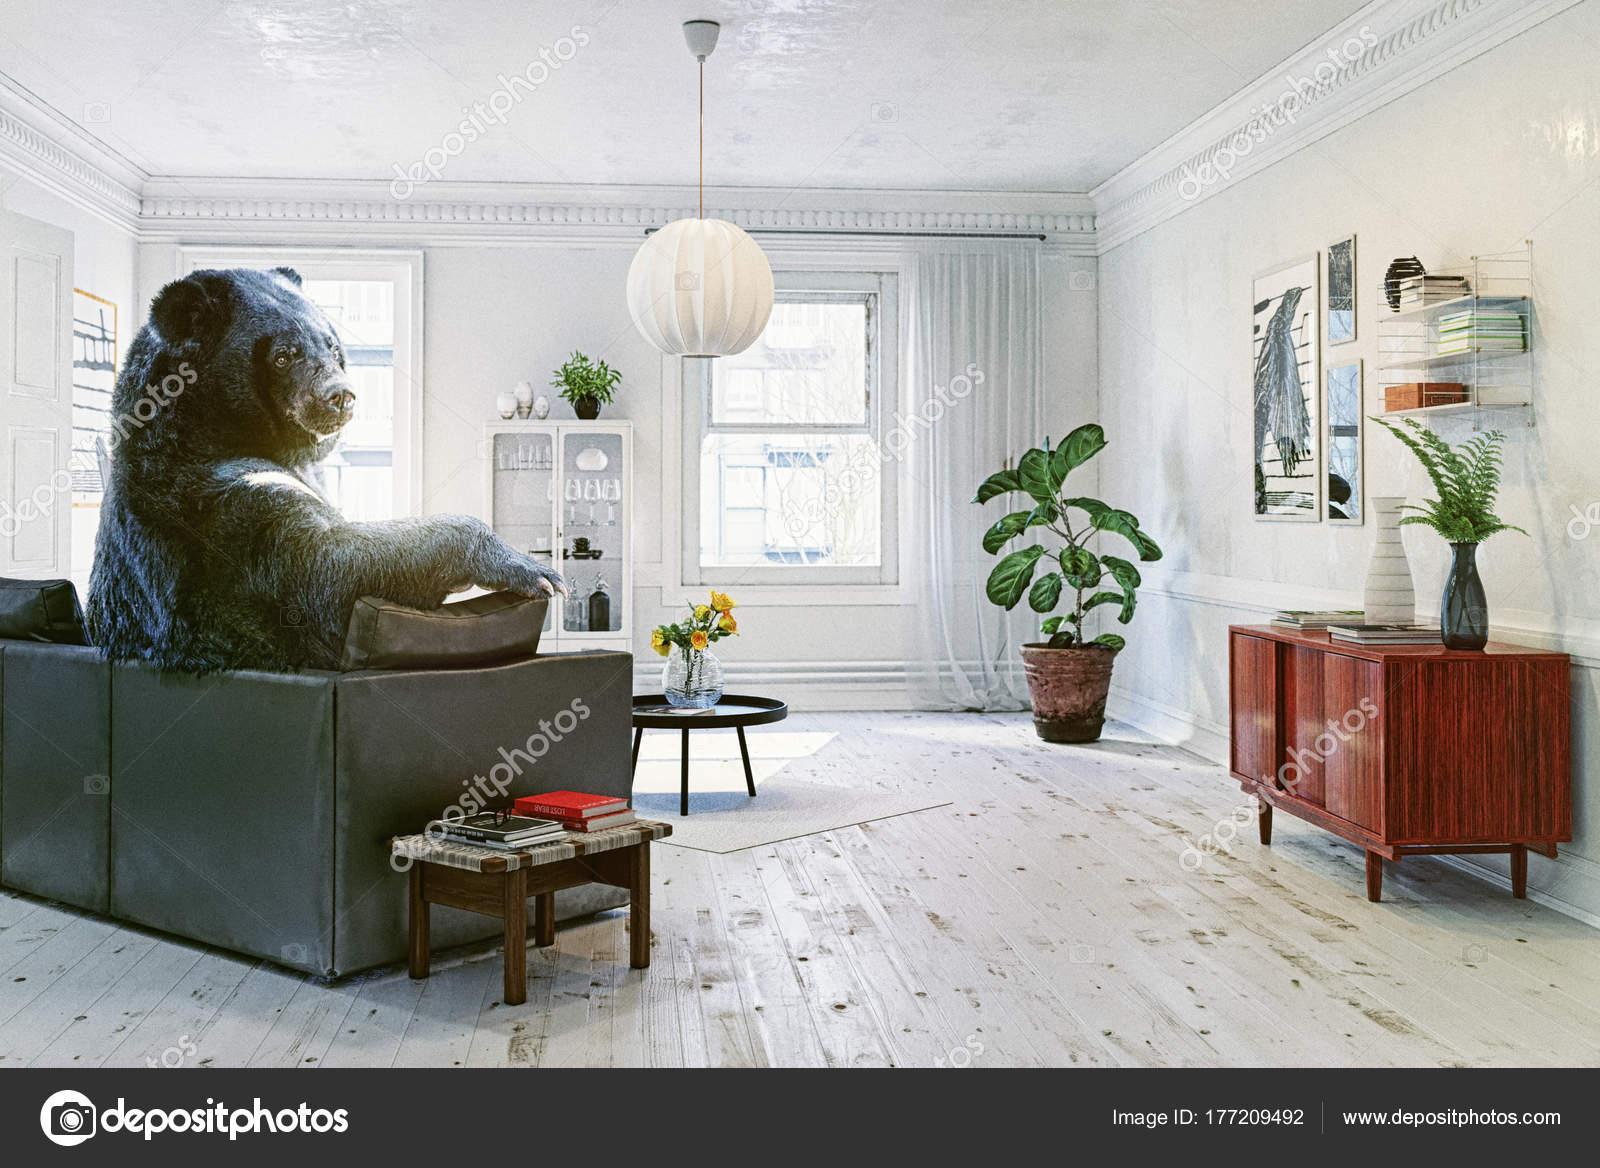 Russian Bear Relaxing Room Sofa Watching Soccer Creative ...